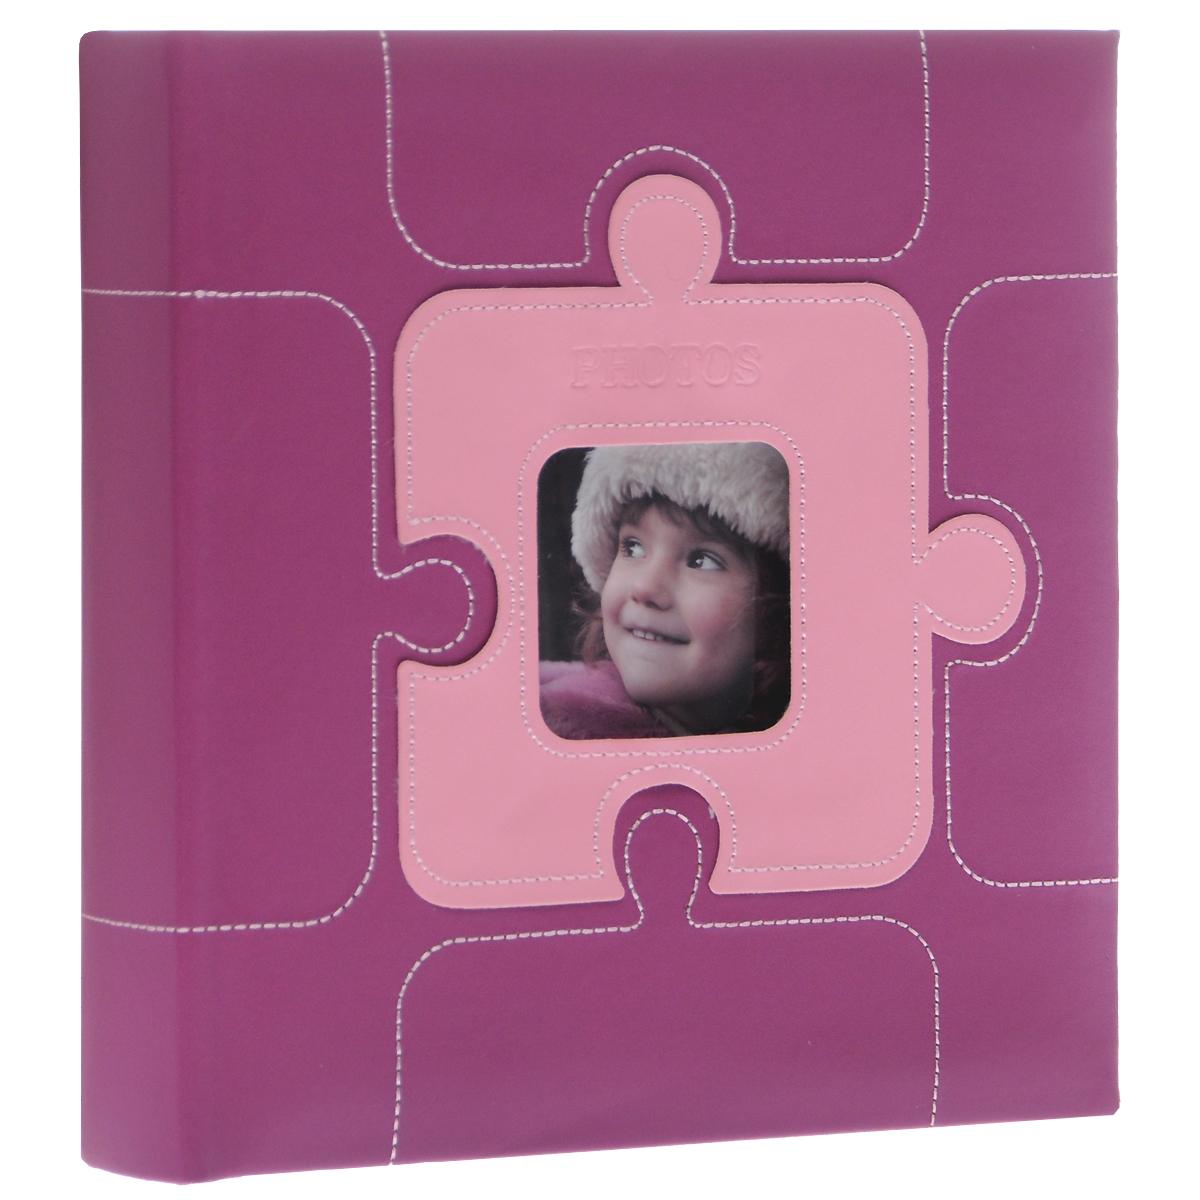 Фотоальбом Image Art, цвет: сиреневый, 200 фотографий, 10 см х 15 см64065Фотоальбом Image Art поможет красиво оформить ваши самые интересные фотографии. Обложка выполнена из толстого картона, обтянутого искусственной кожей. С лицевой стороны обложки имеется квадратное окошко для вашей самой любимой фотографии. Внутри содержится блок из 50 двусторонних листов с фиксаторами-окошками из полипропилена. Альбом рассчитан на 200 фотографий формата 10 см х 15 см. Для фотографий предусмотрено поле для записей. Переплет - книжный.Всегда так приятно вспоминать о самых счастливых моментах жизни, запечатленных на фотографиях. Поэтому фотоальбом является универсальным подарком к любому празднику.Количество листов: 50.Размер фотографии: 10 см х 15 см. Размер фотоальбома: 22 см х 22 см.